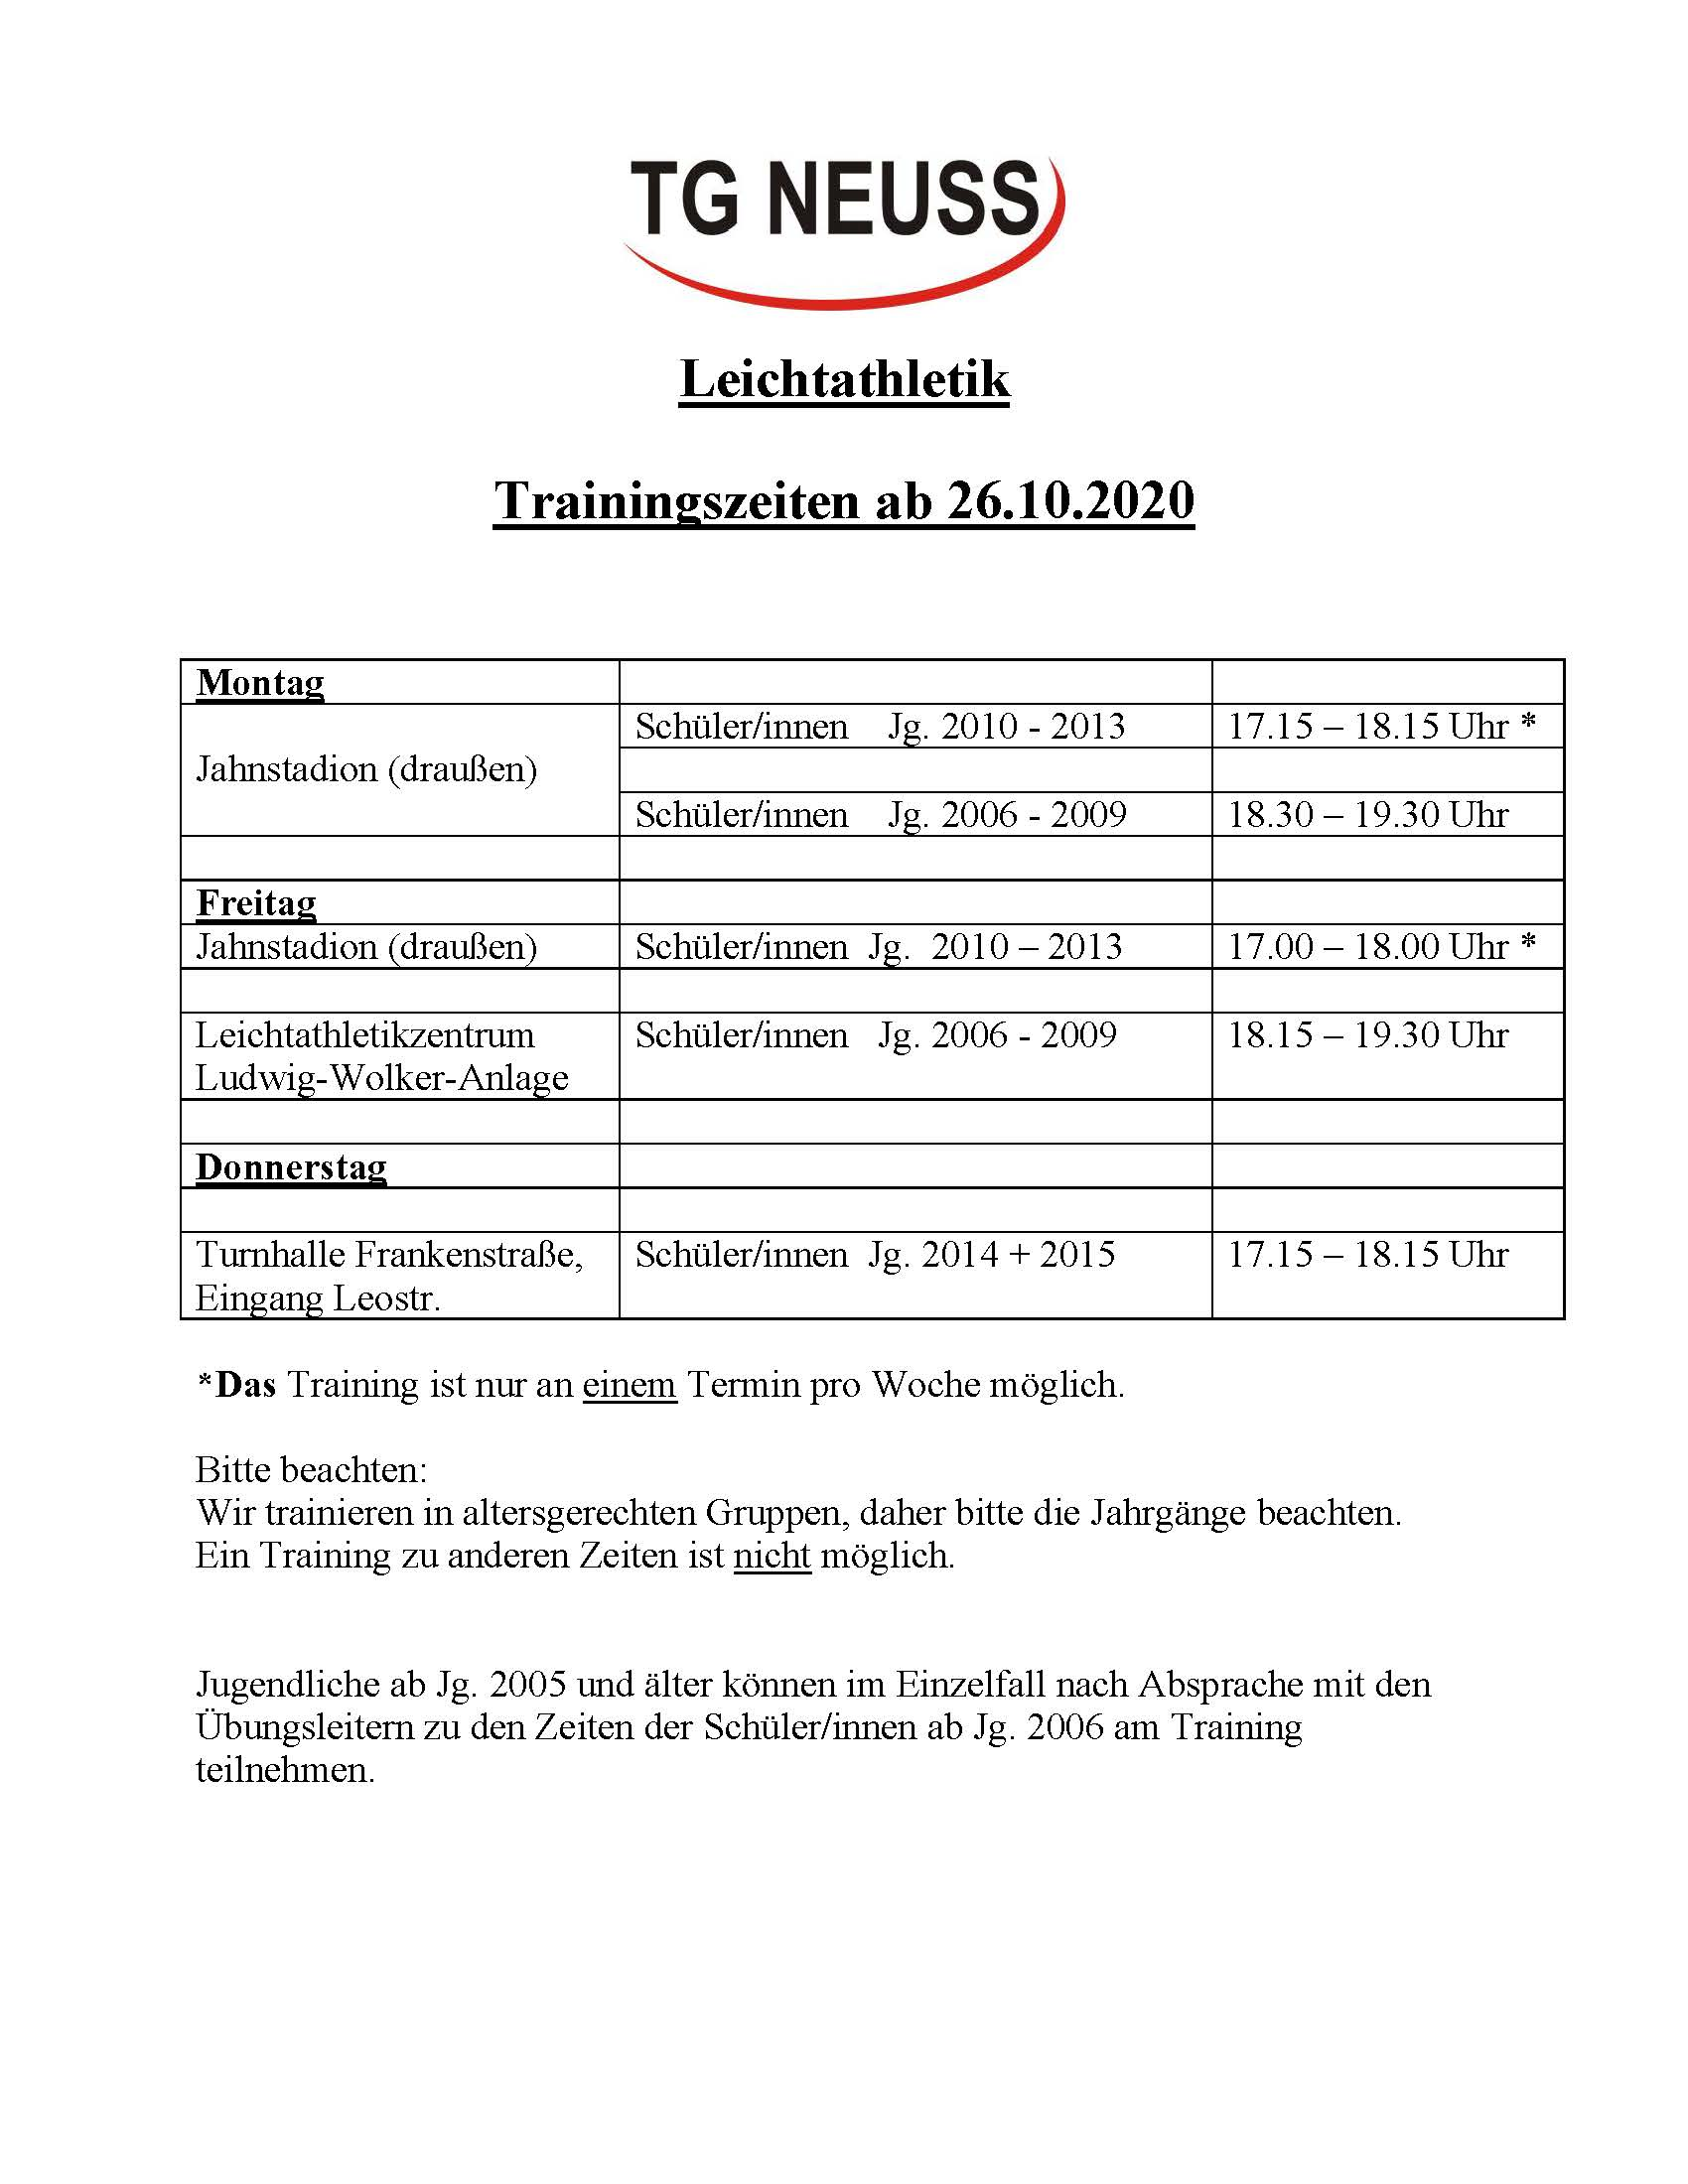 geänderte Trainingszeiten ab dem 26.10.2020